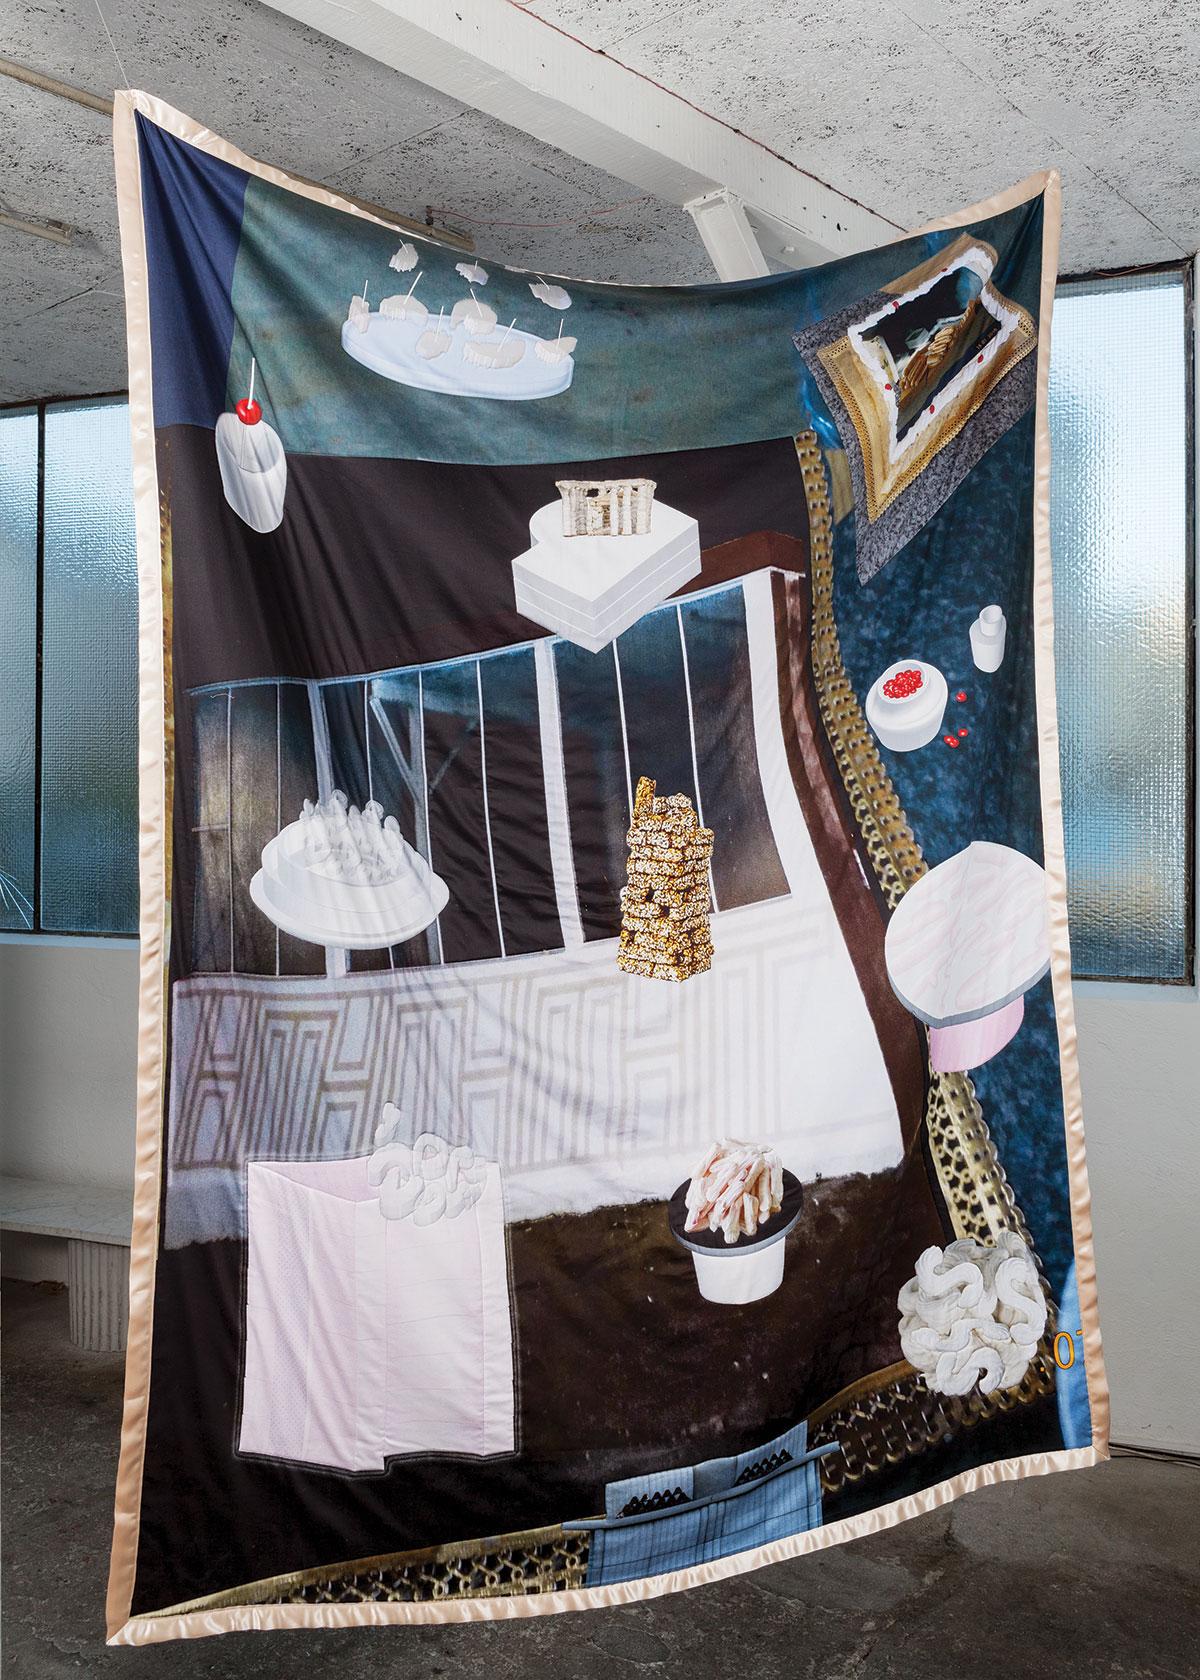 Couverture #2 HORS-D'OEUVRE coton imprimé cousu sur couverture en laine 147x196cm, 2016, photo ©Lucas Olivet